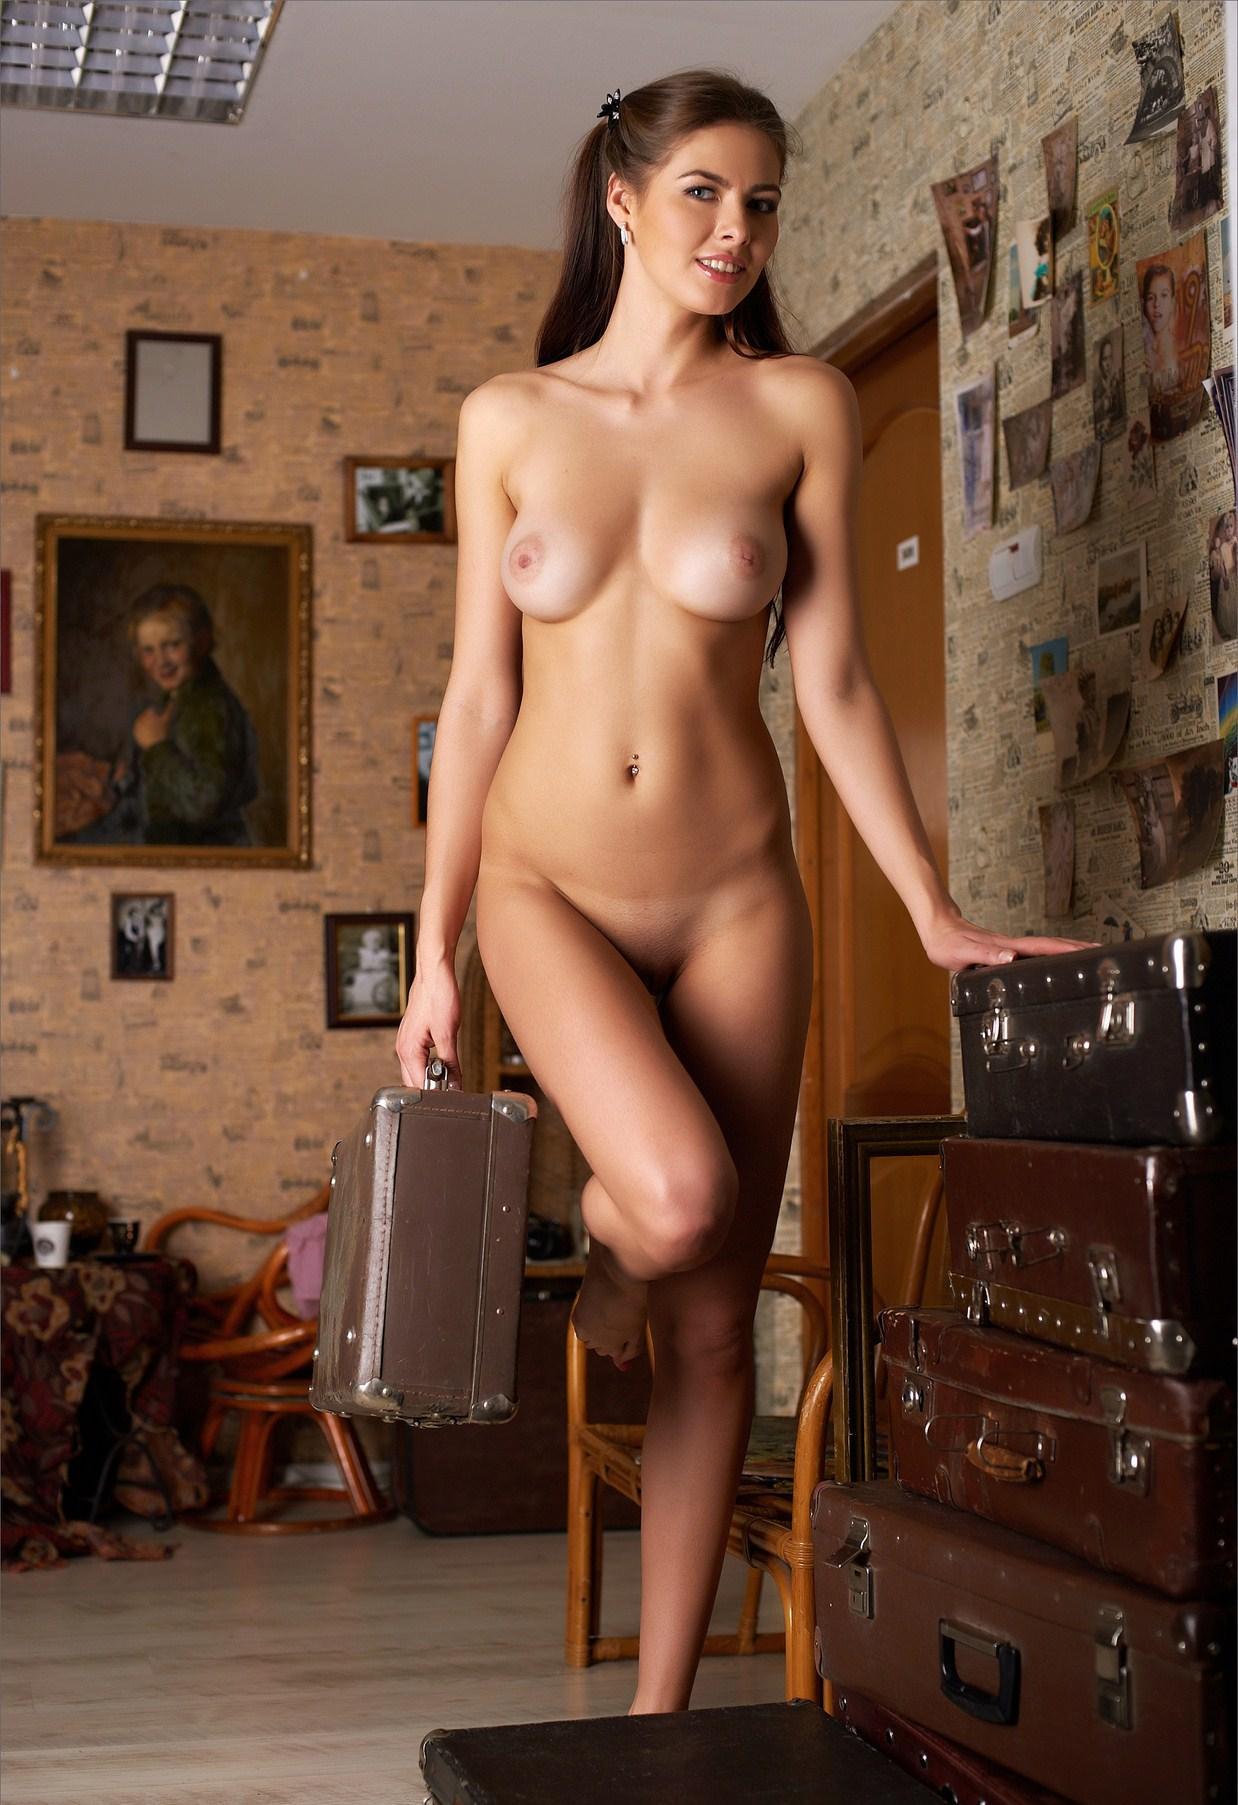 Фото Обнаженных Девушек Дома